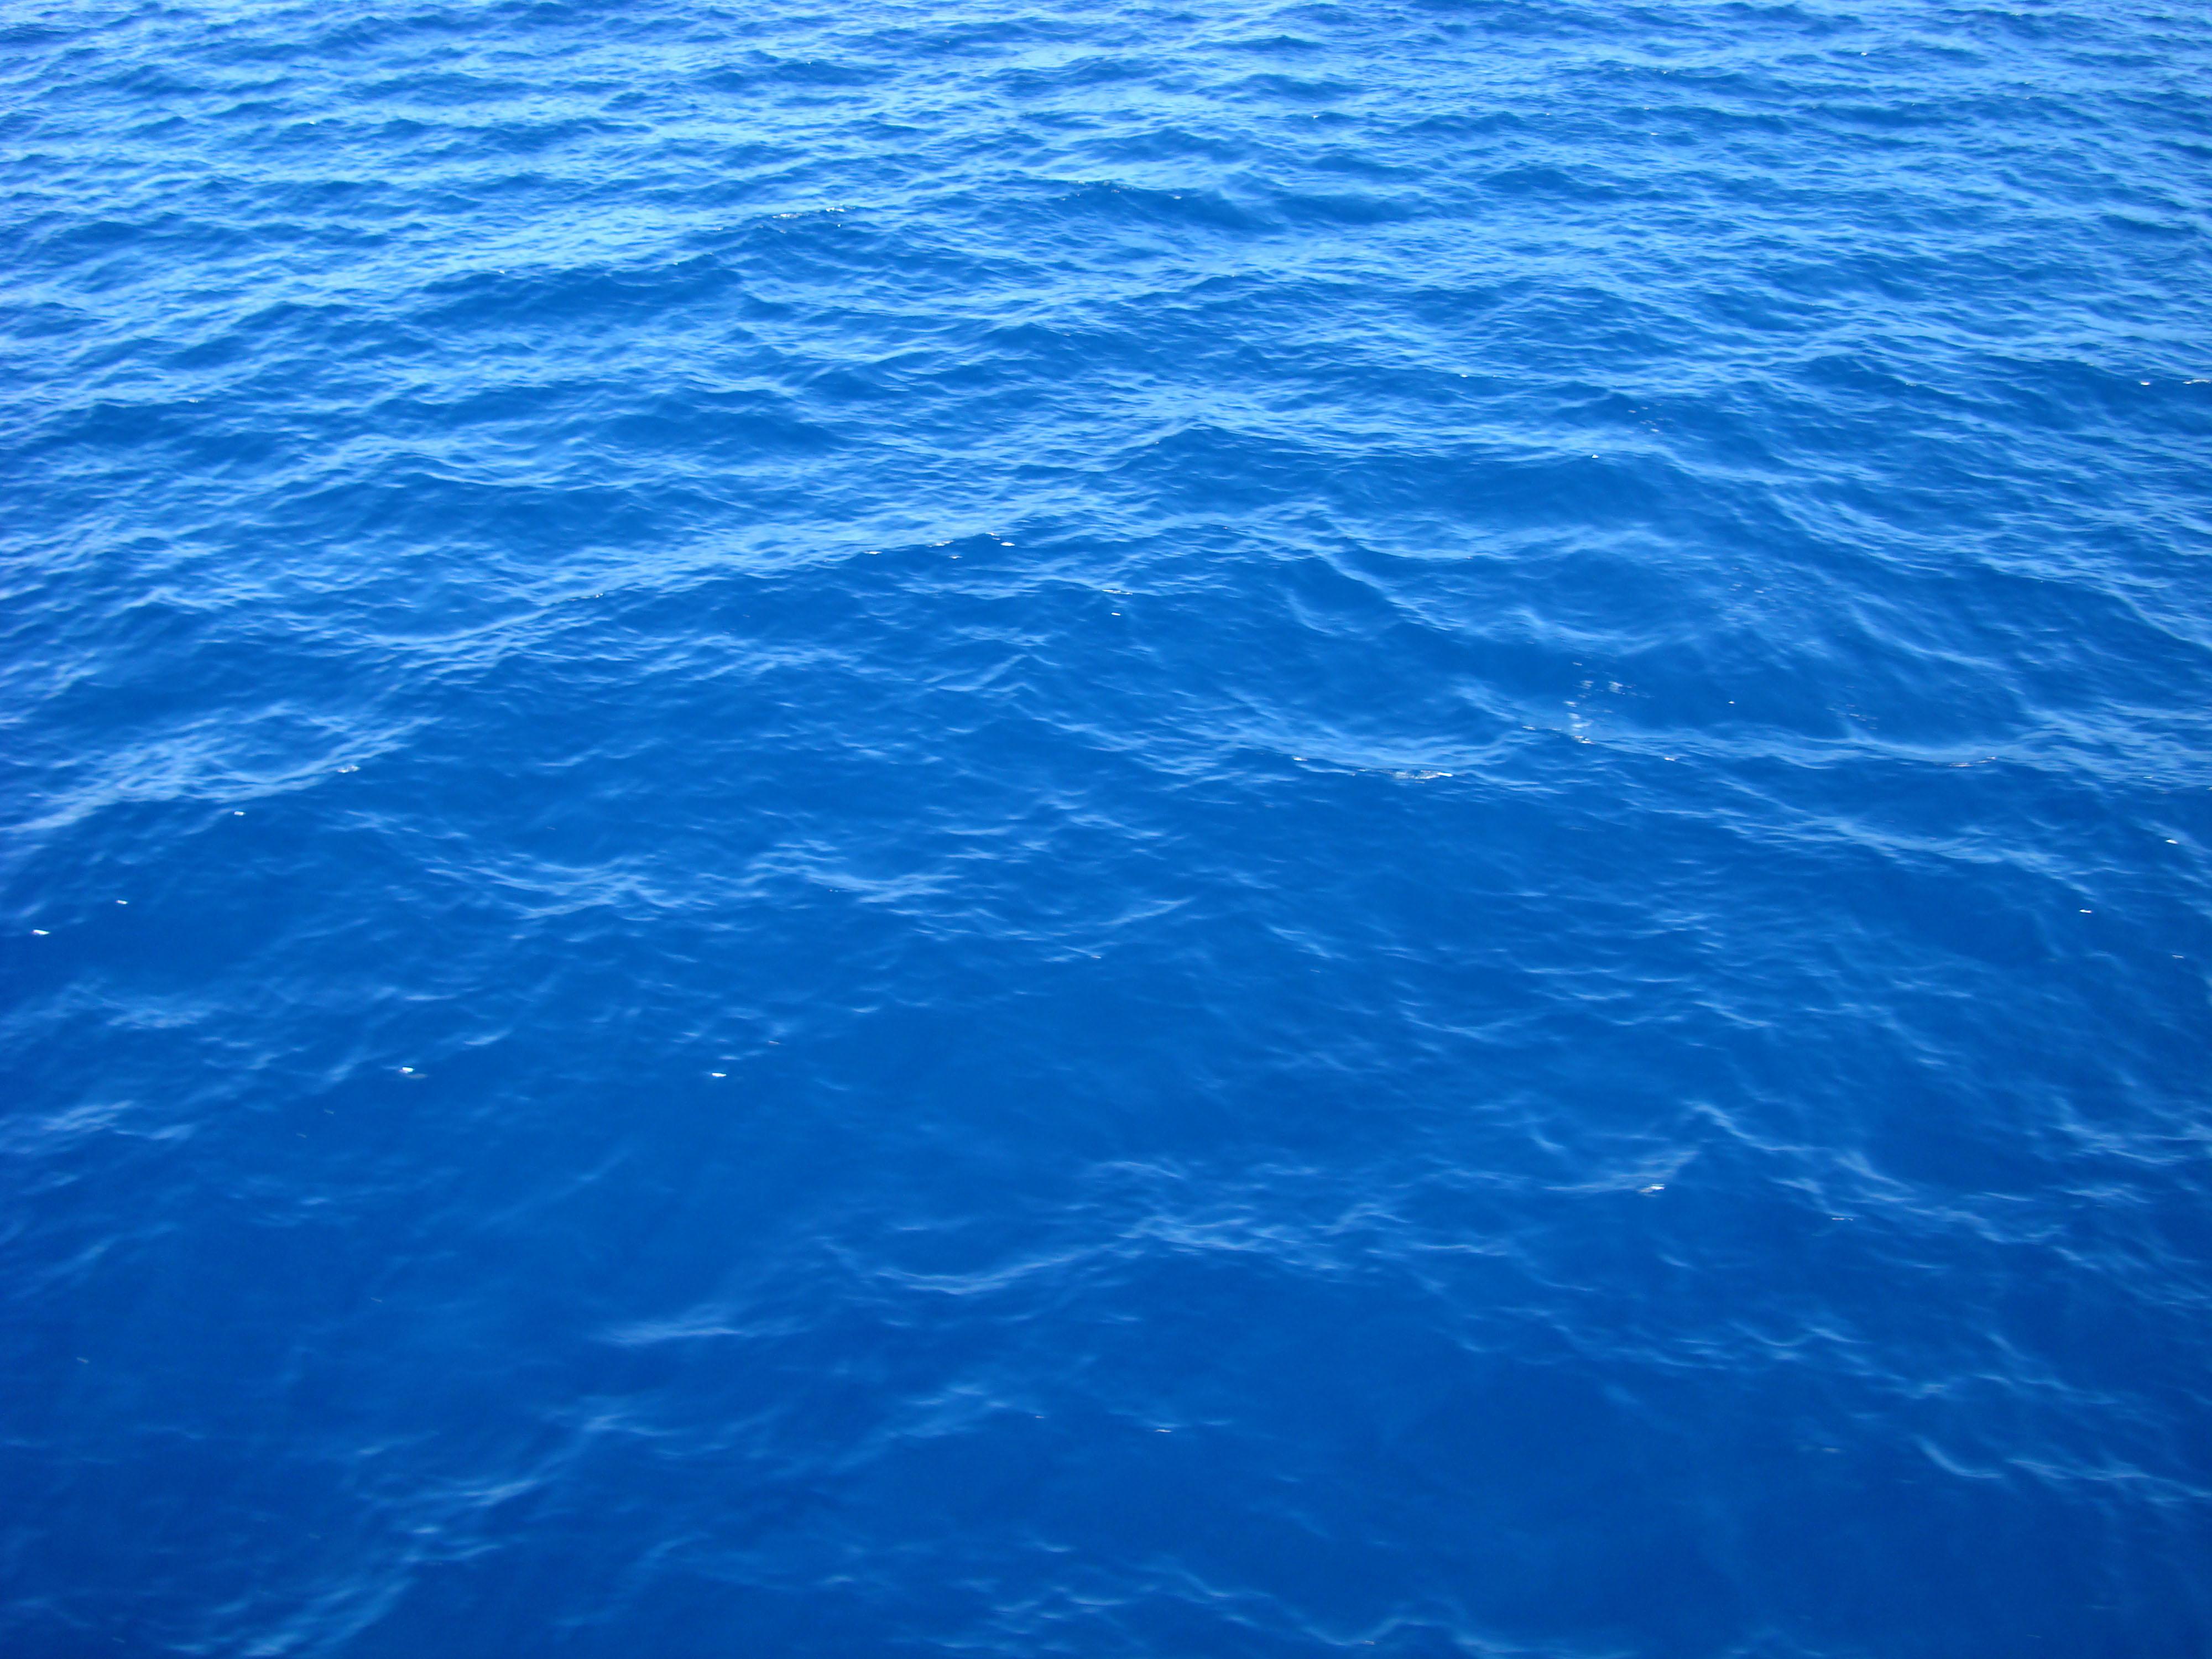 Pin Pacific-ocean-sea-beach-clouds-seashore-waves-wind ... Pacific Ocean Water